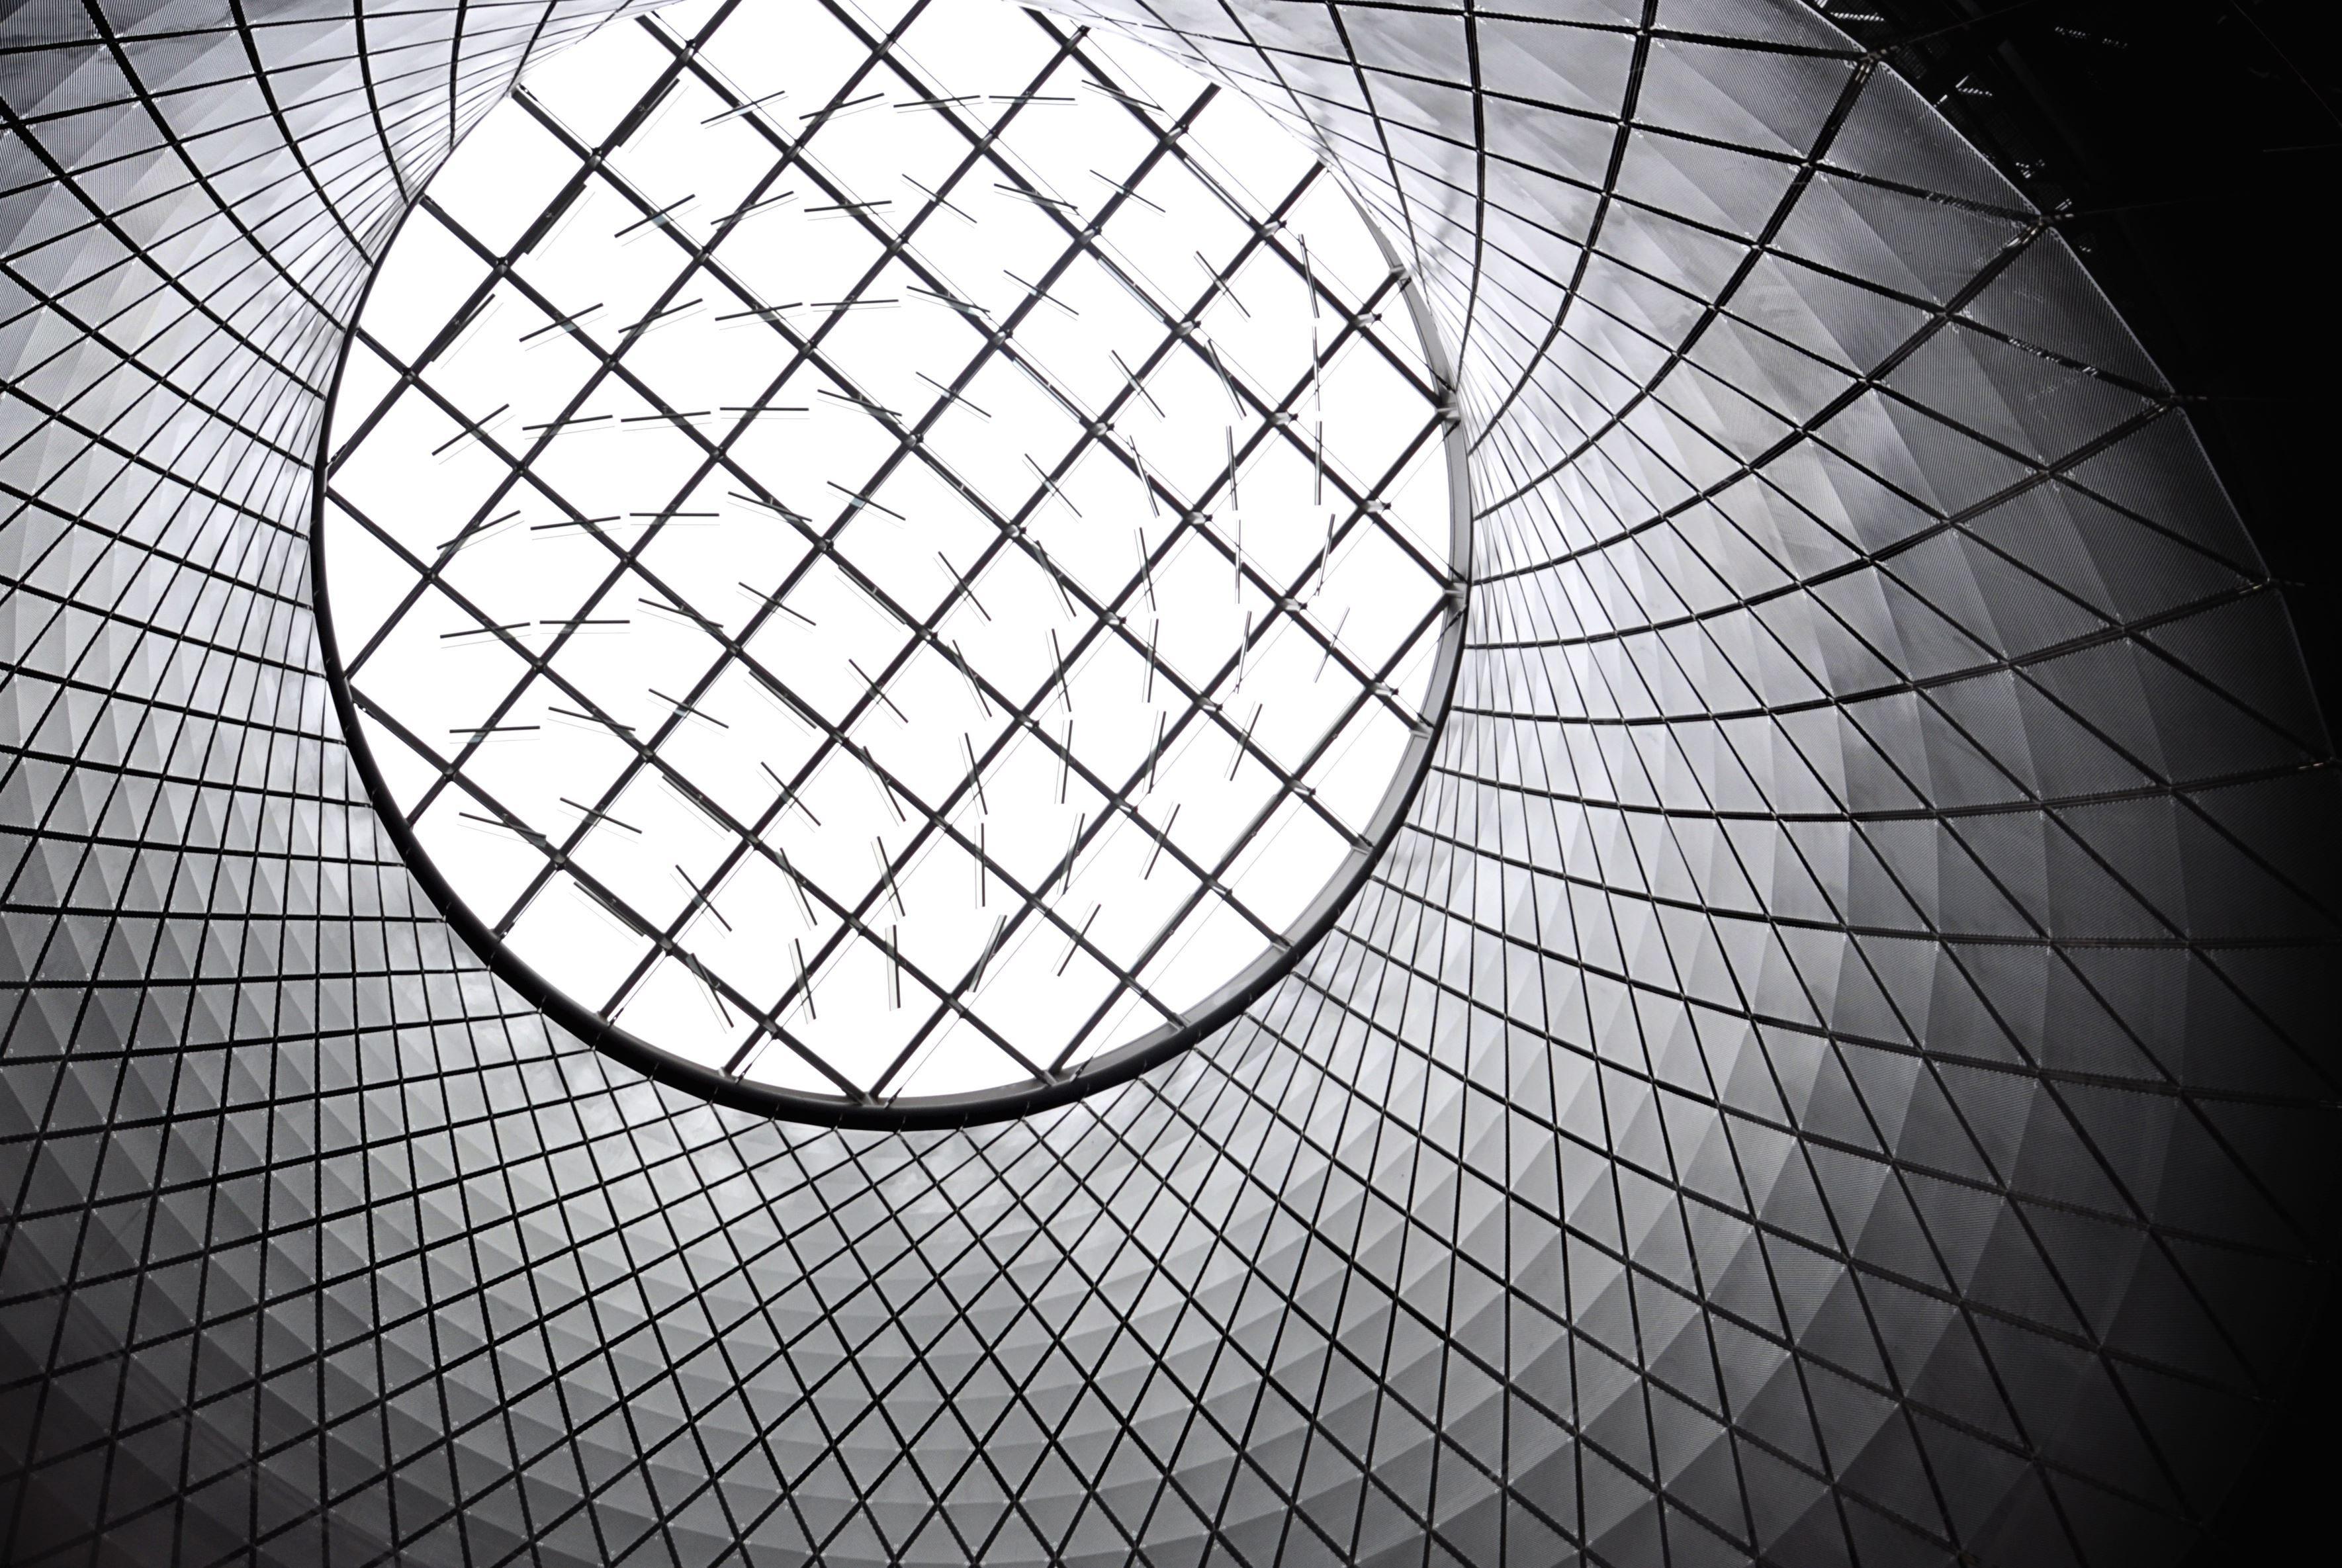 Image libre aluminium b timent moderne architecture for Architecture geometrique